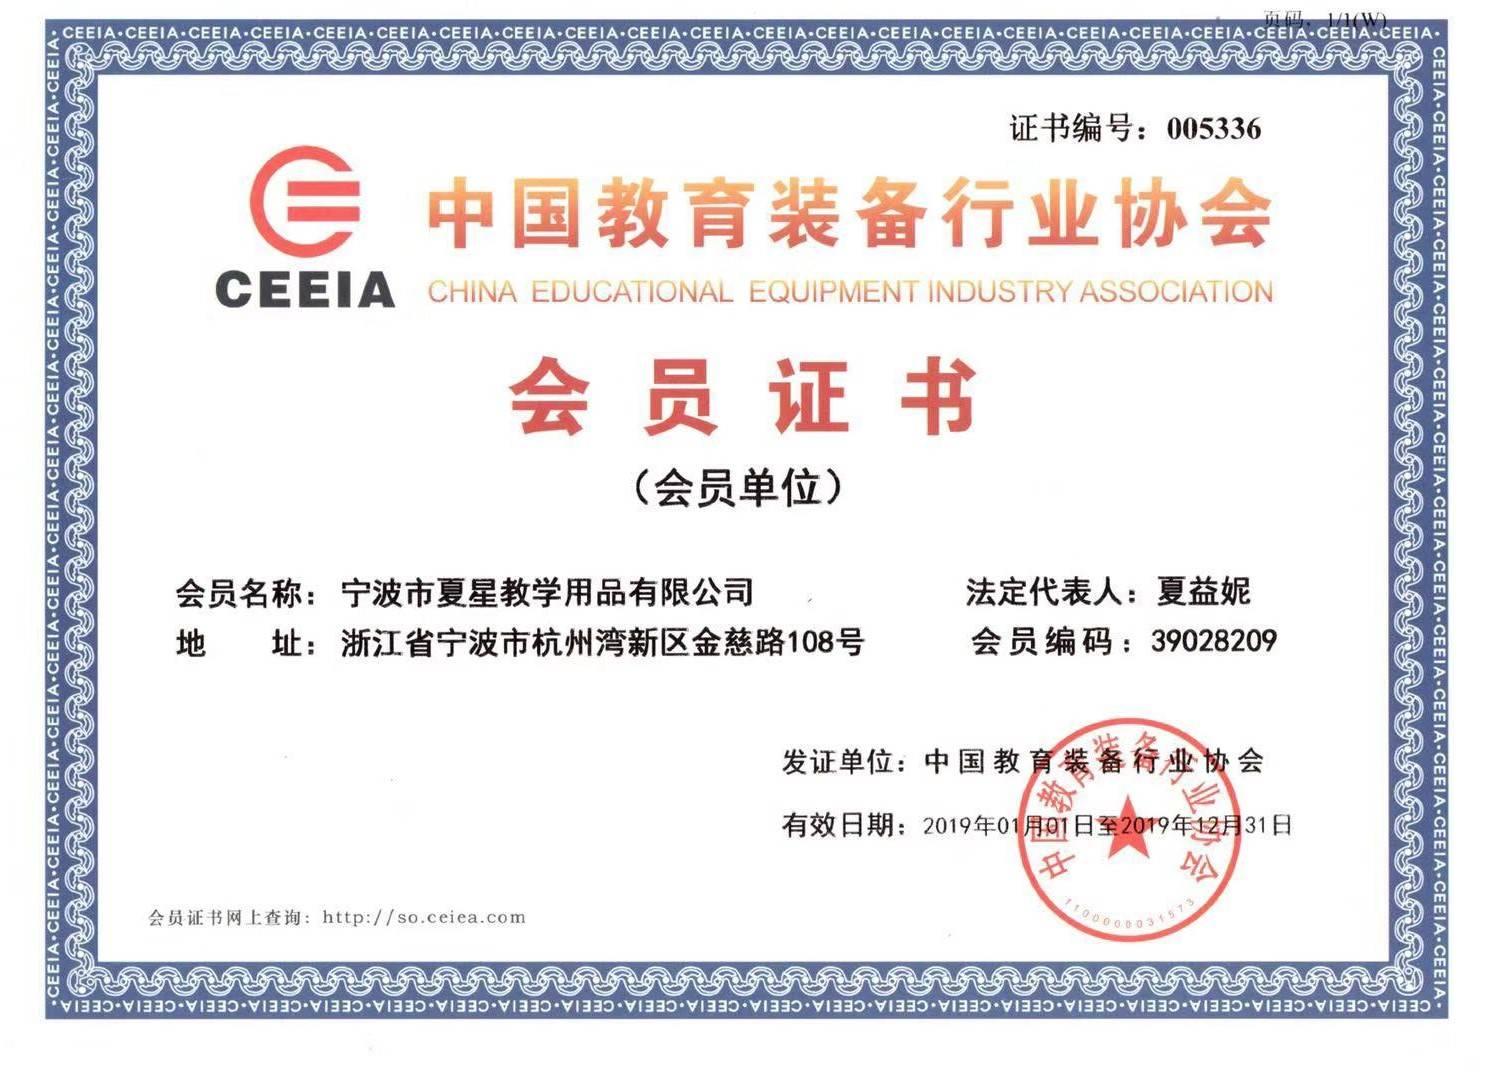 夏星荣获教育装备行业会员单位